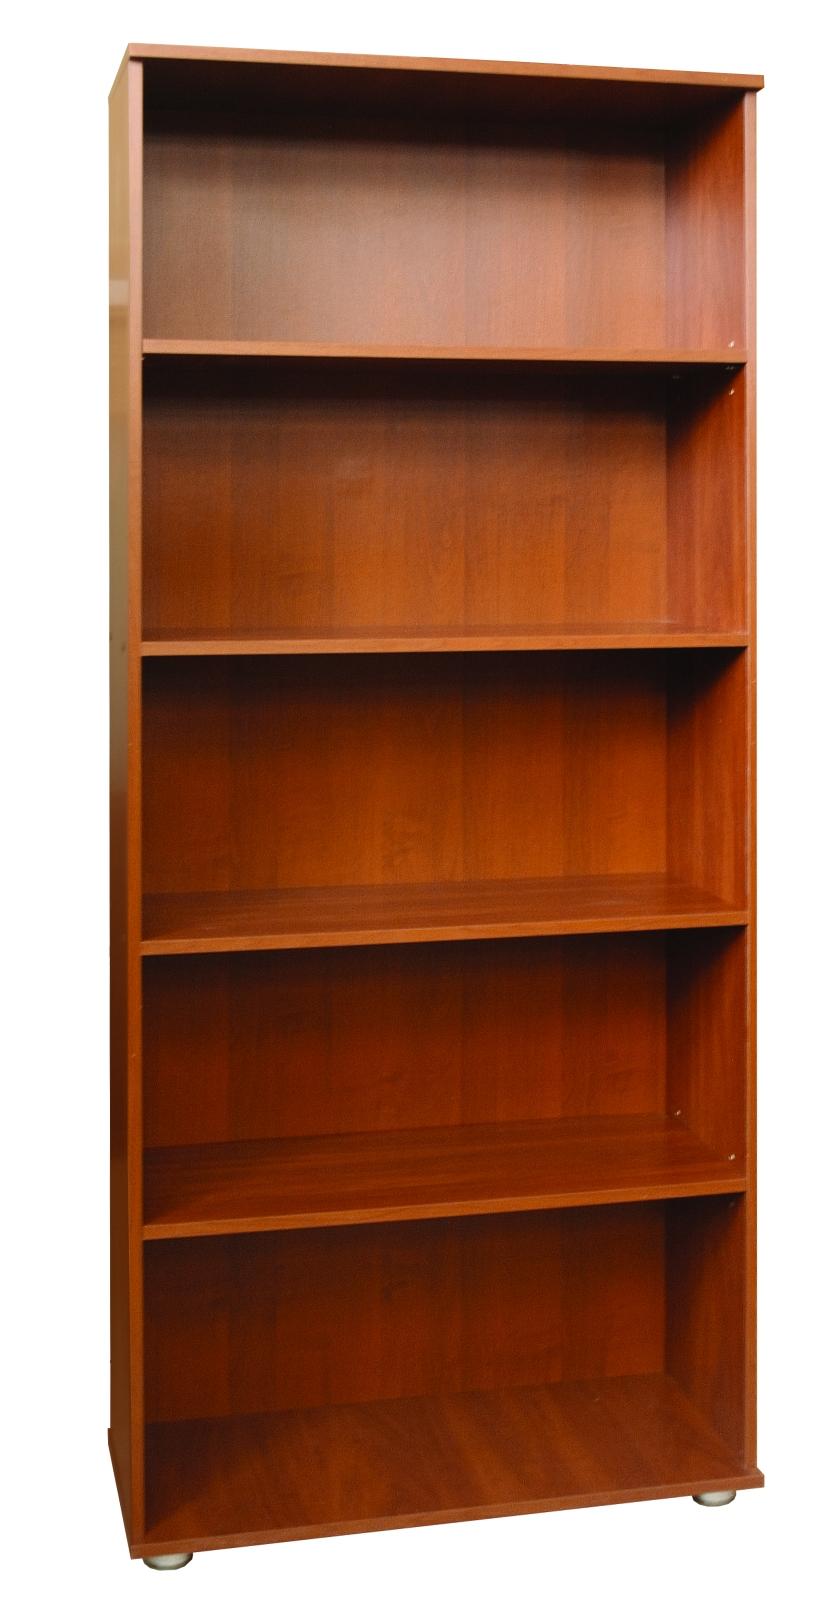 Шкаф для книг открытый мд 2.01. купить шкафы-витрины в москв.